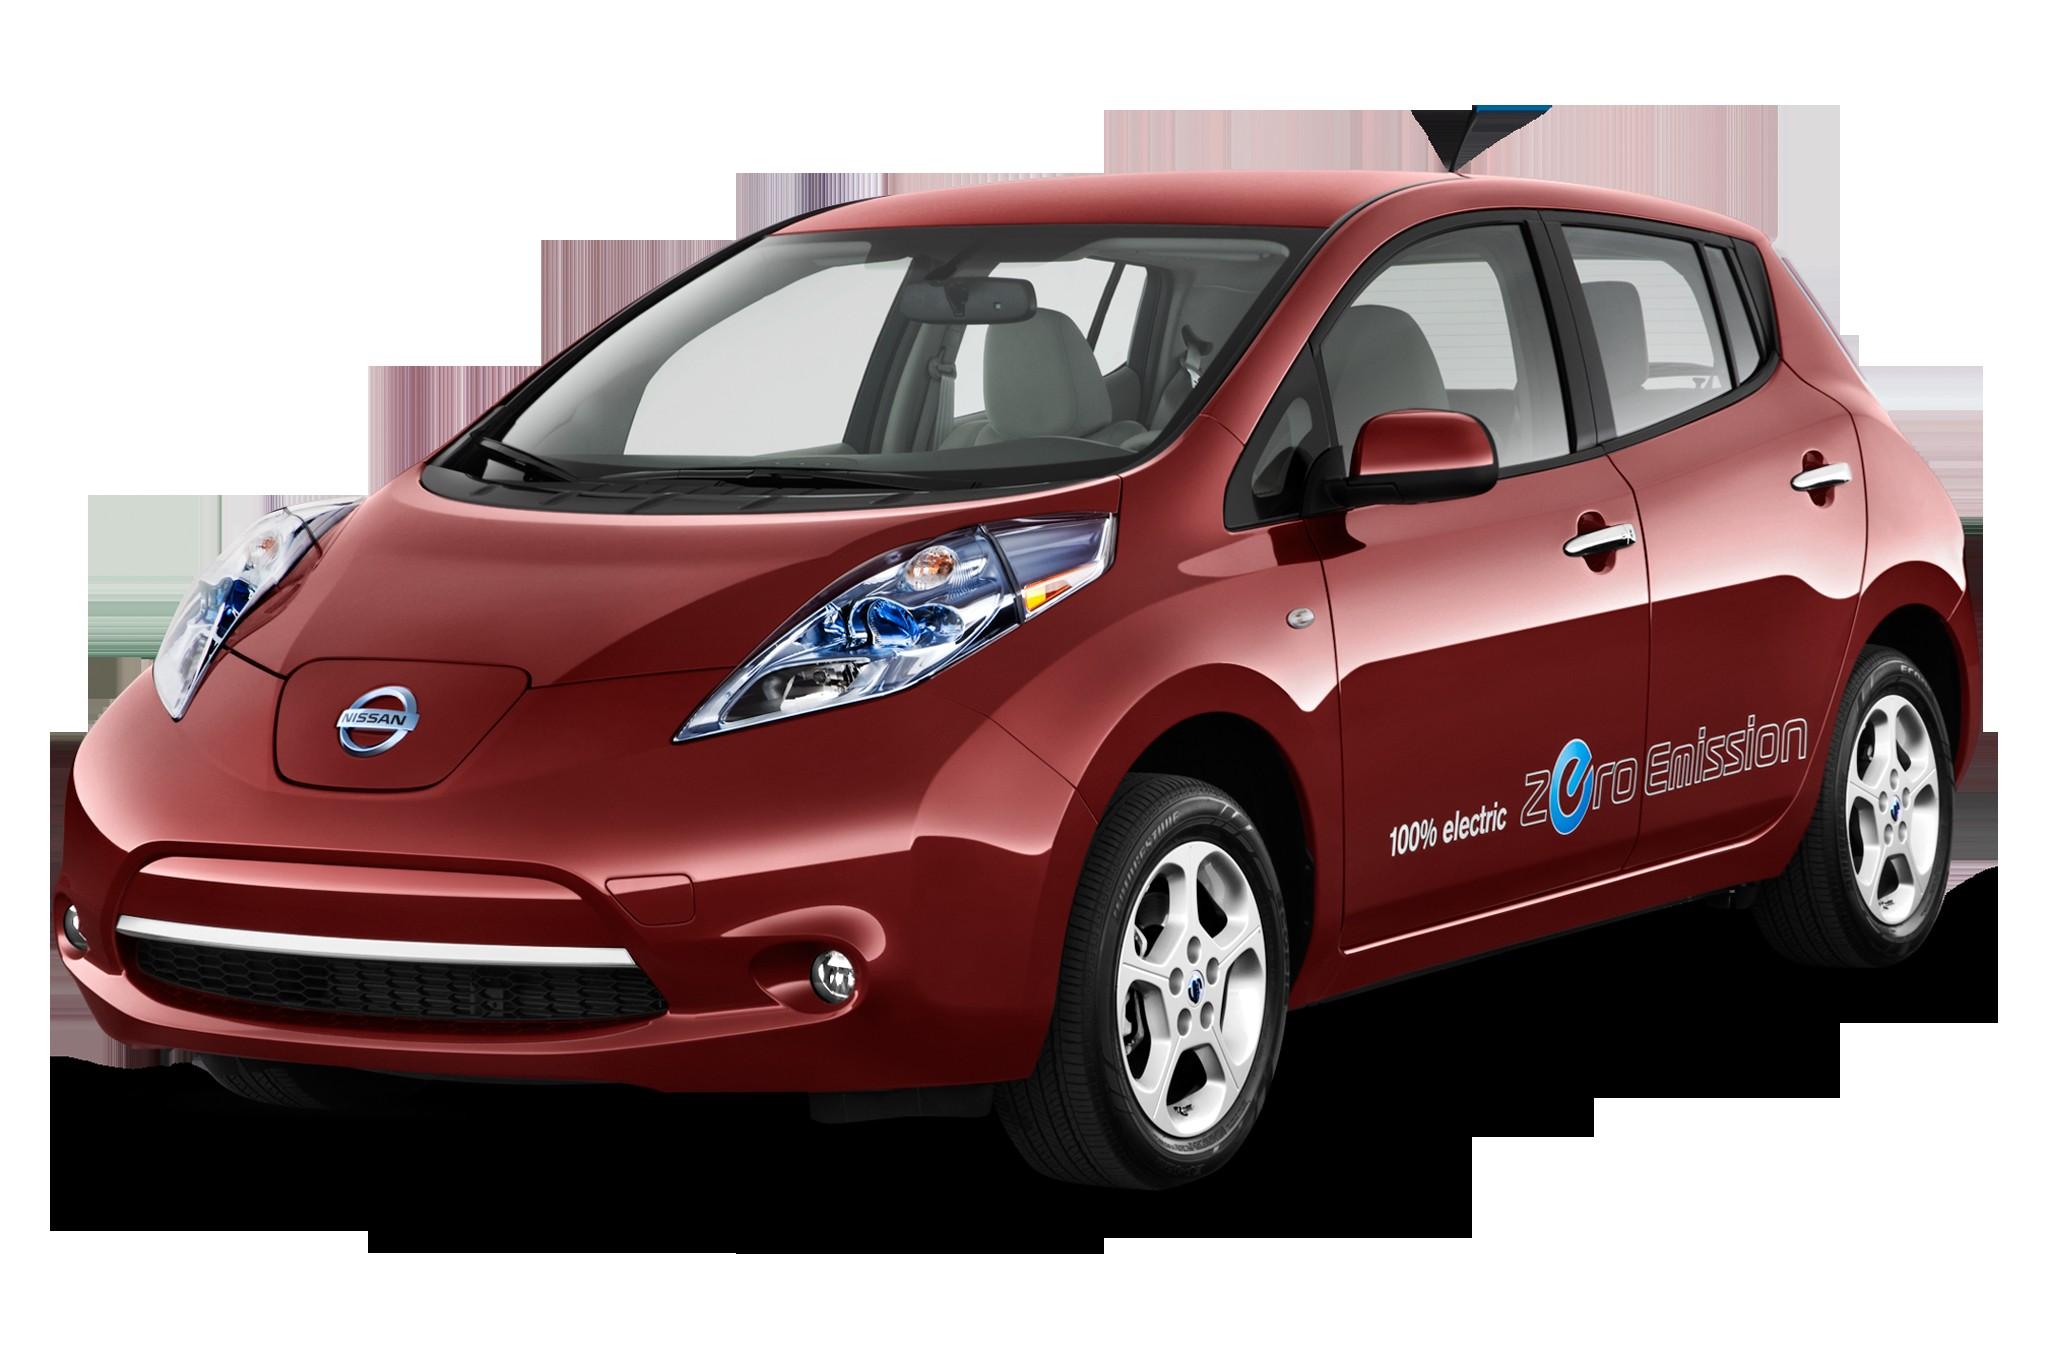 Nissan Leaf Engine Diagram Nissan Reveals Leaf Ev order Process Sees High Demand Of Nissan Leaf Engine Diagram